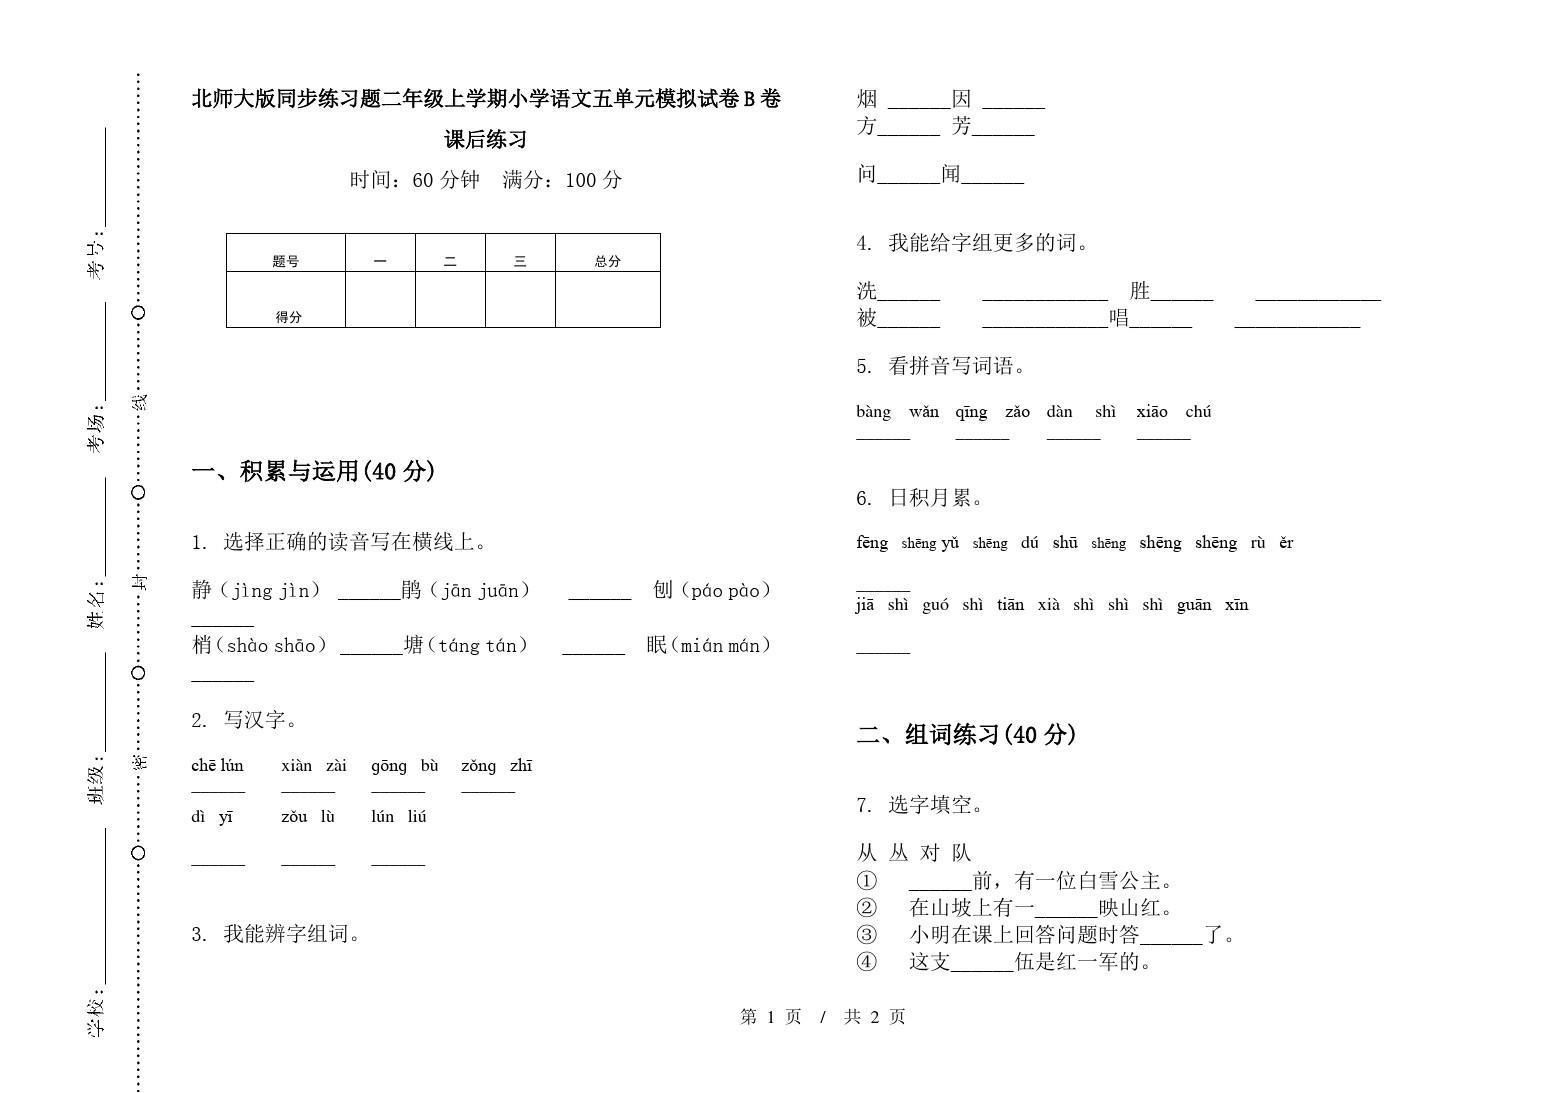 北师大版同步练习题二年级上学期小学语文五单元模拟试卷B卷课后练习答案